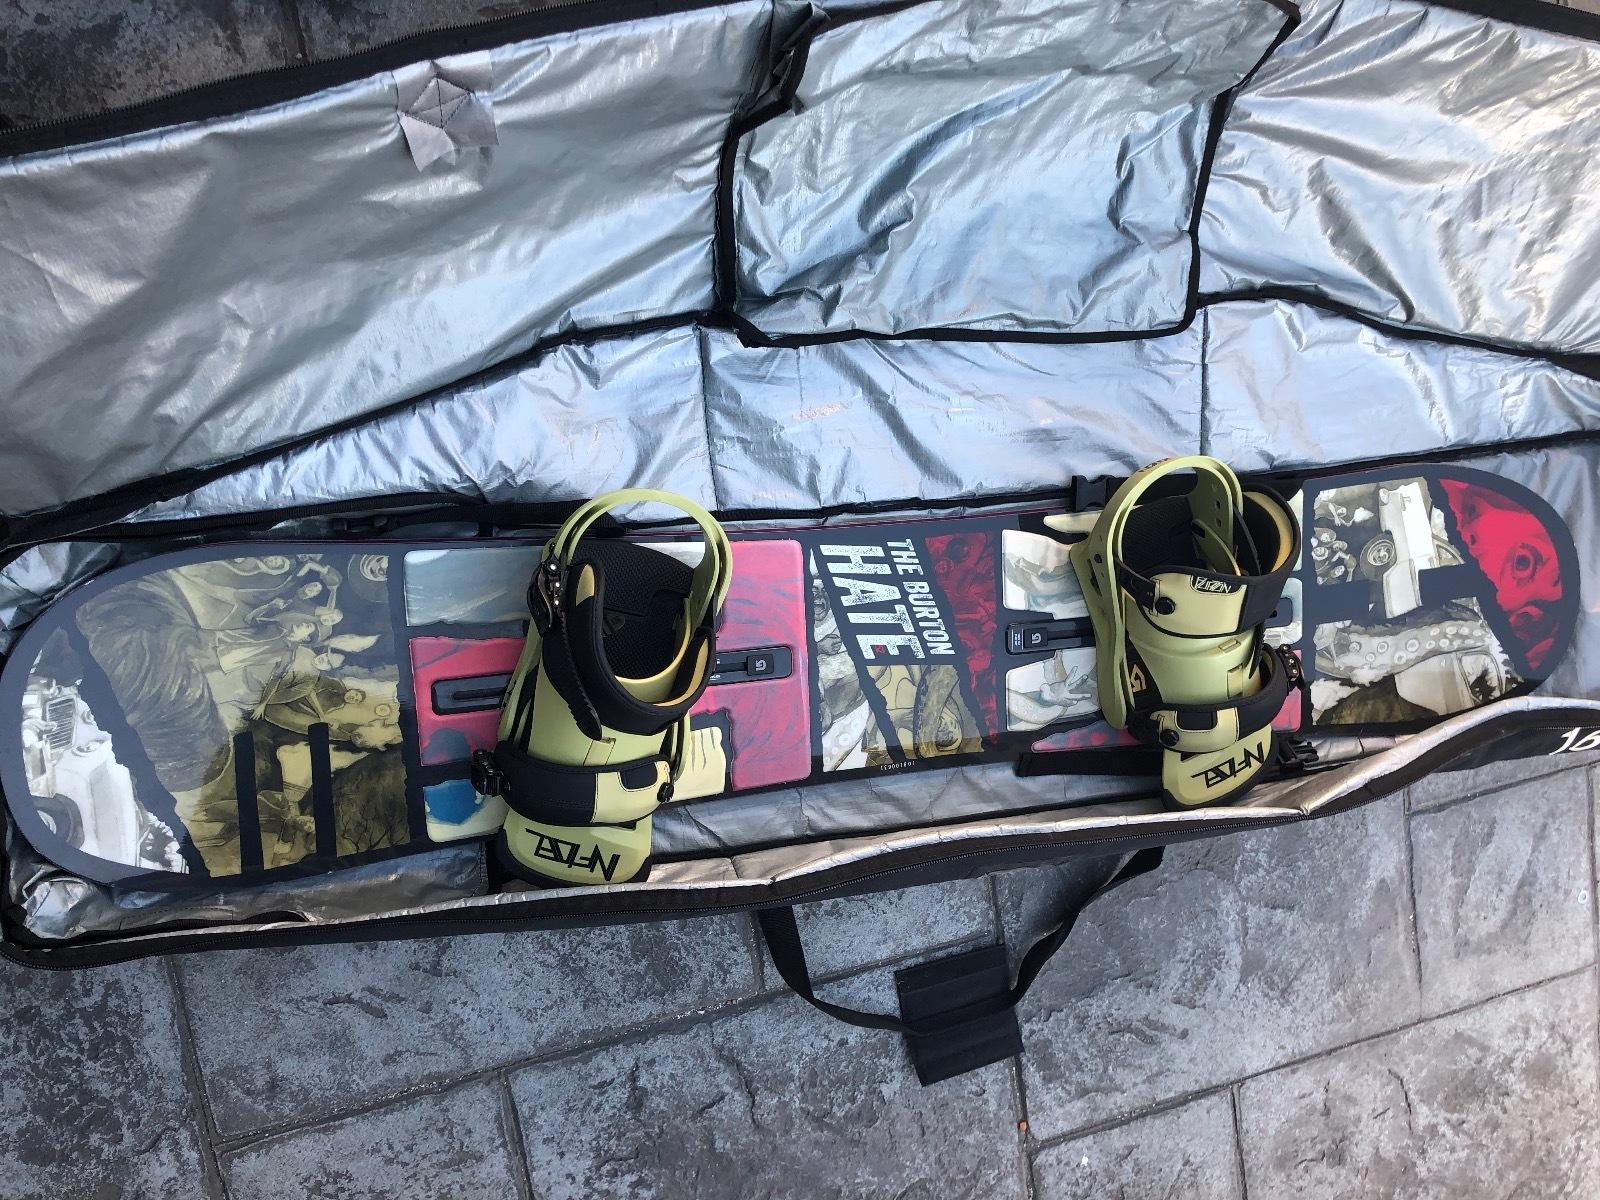 Burton Hate 152 with bindings and bag